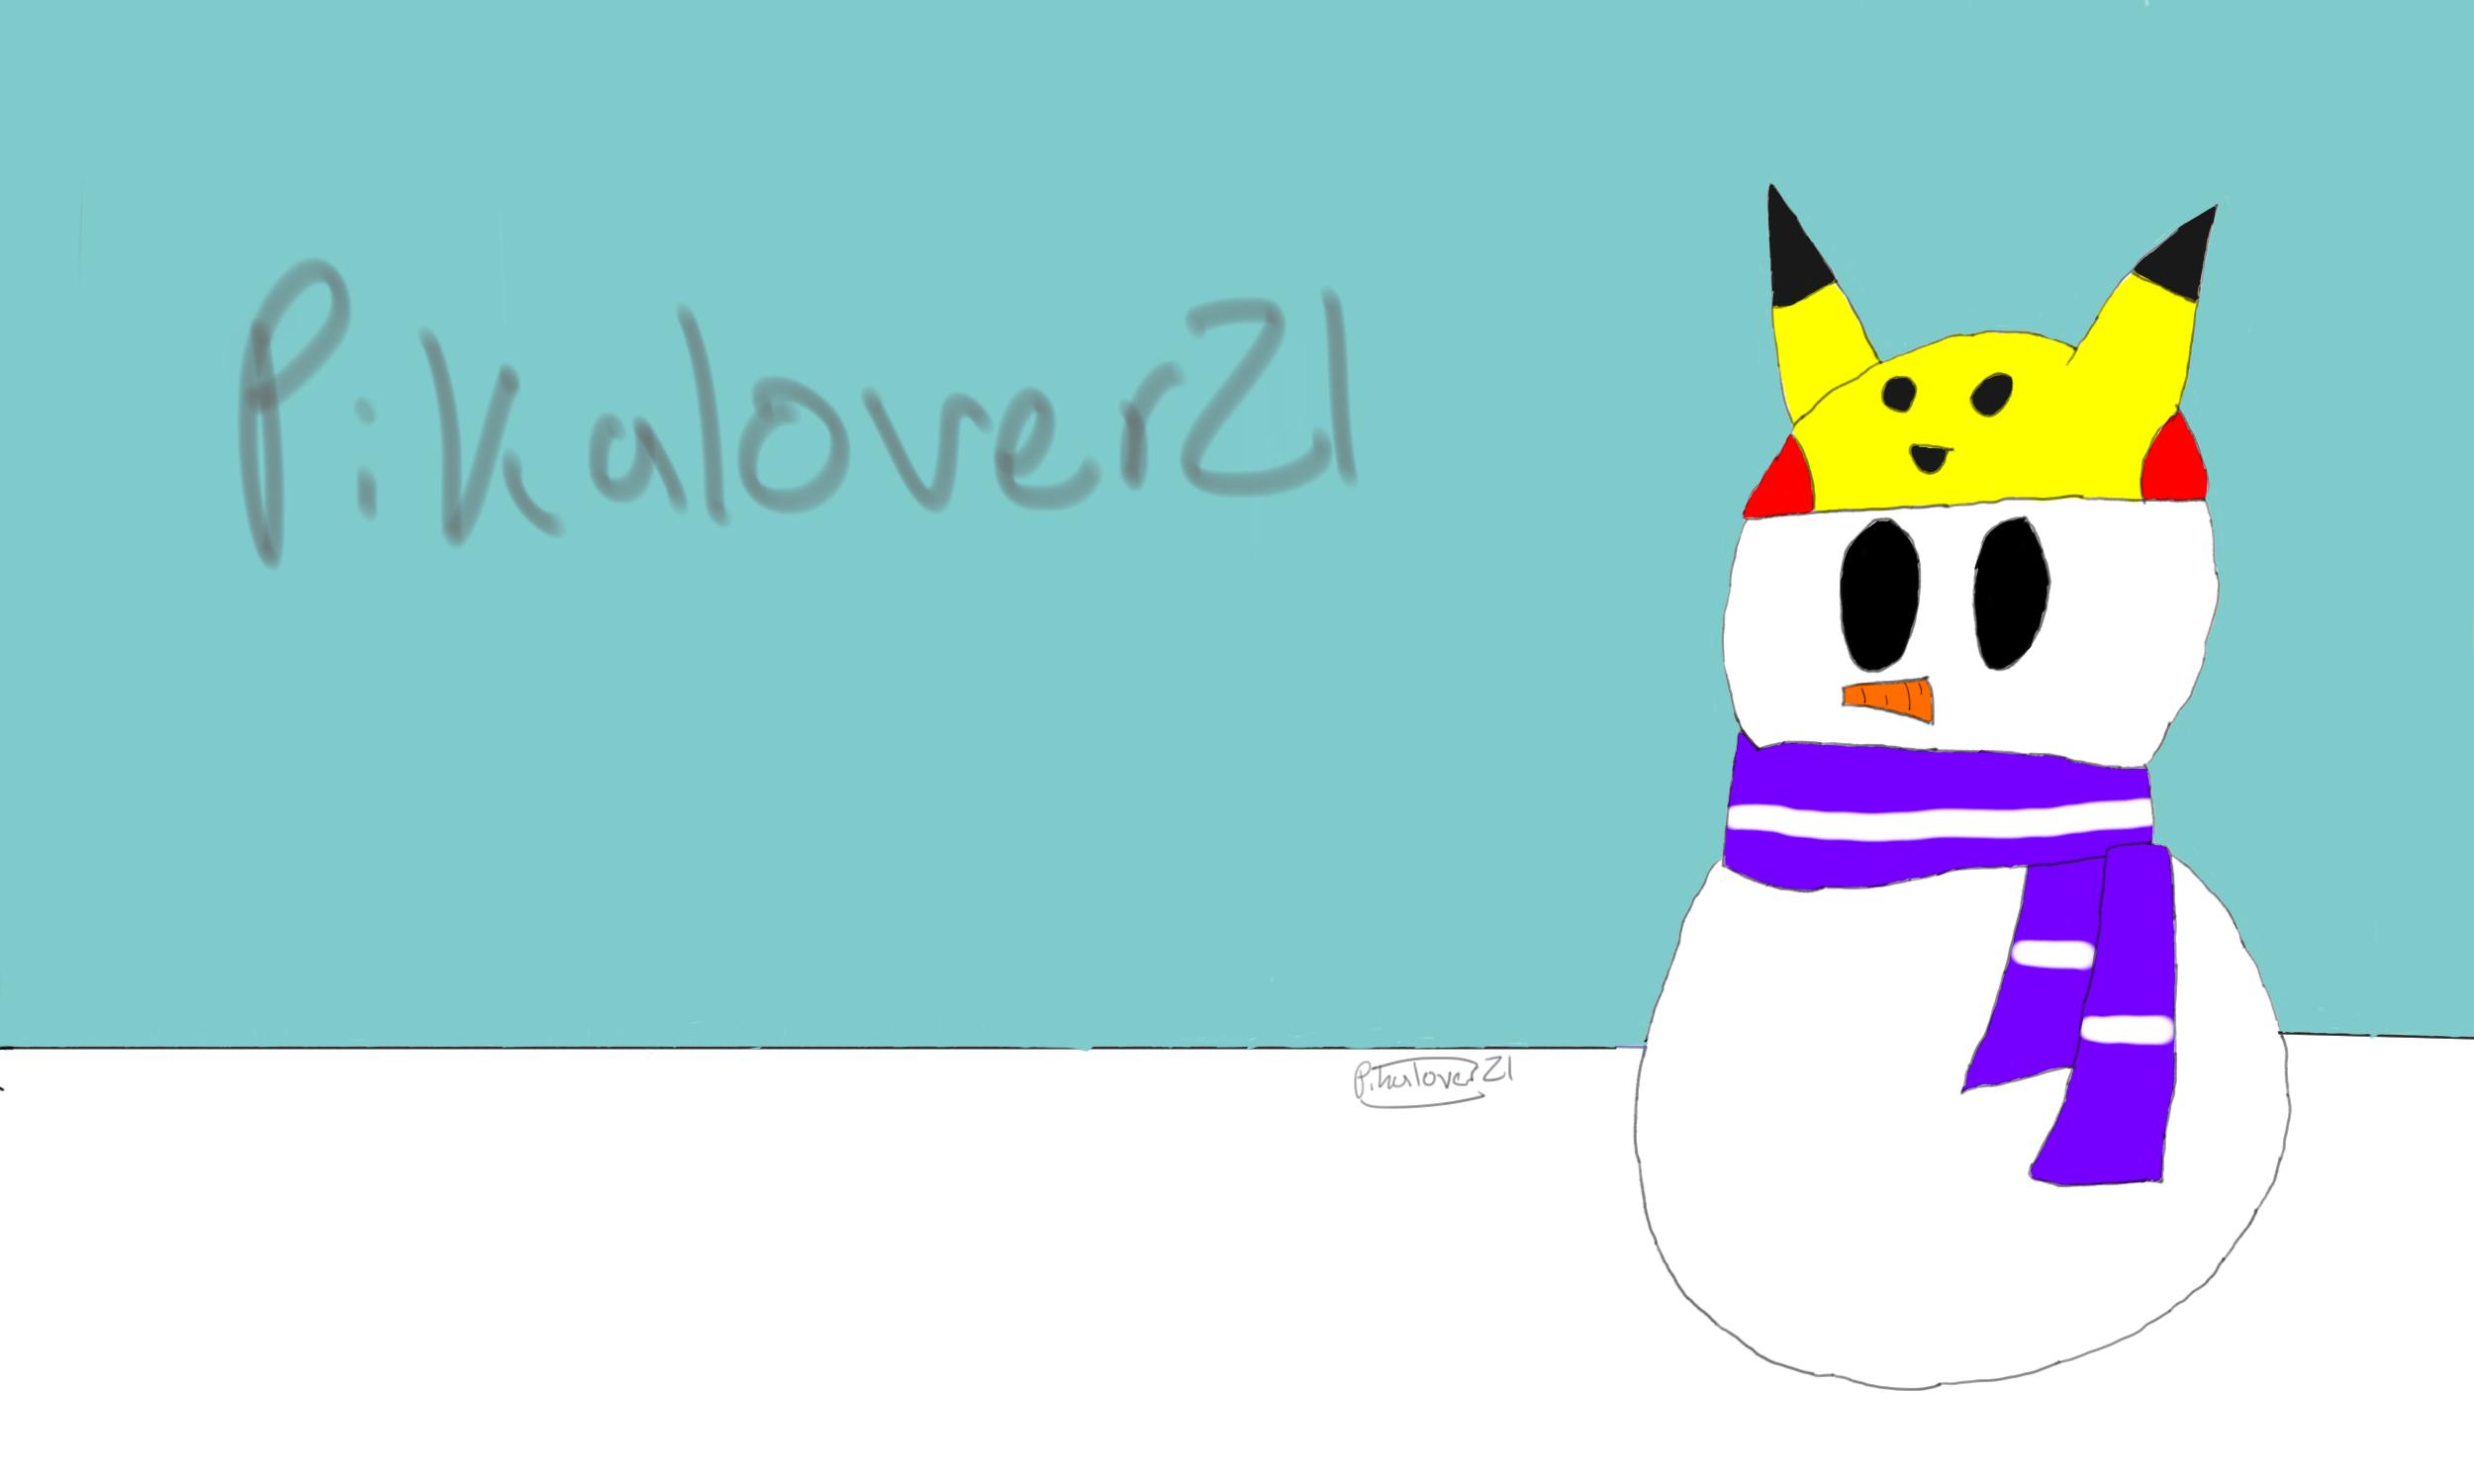 Pikalover21's Profile Picture